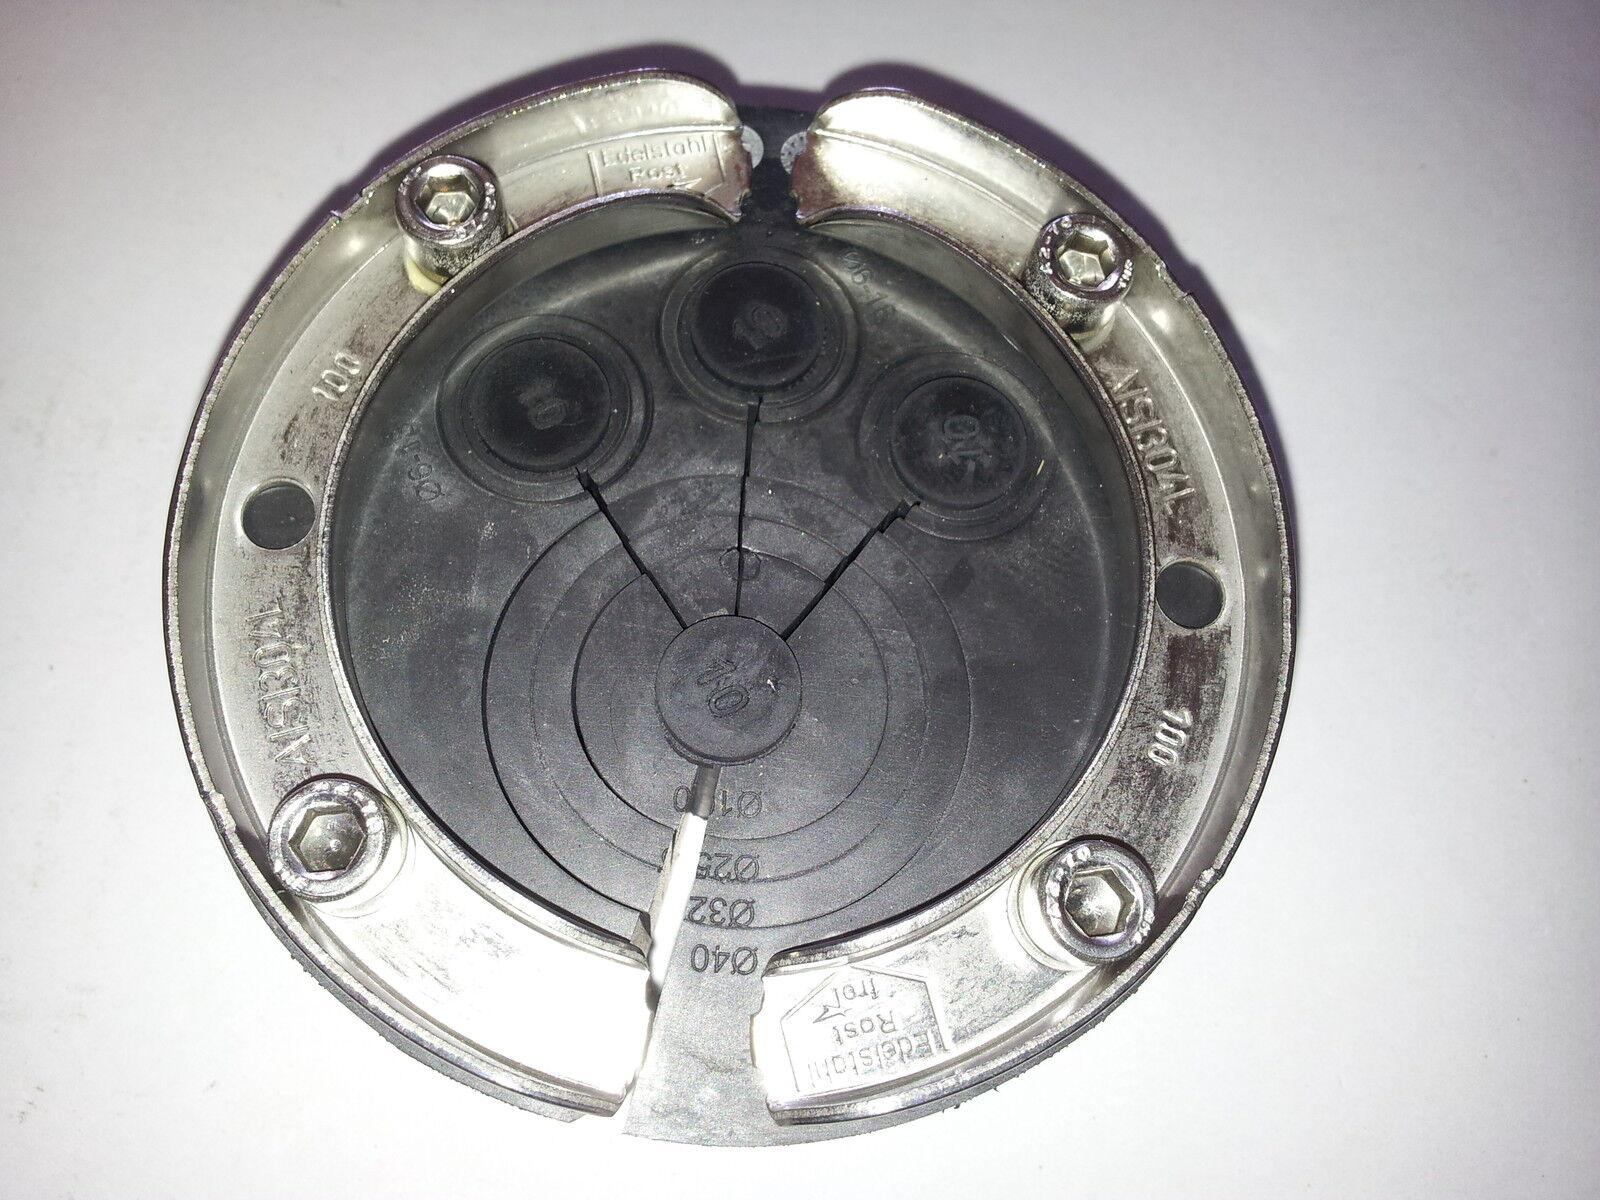 Ringraumdichtung für Kernbohrung 100 mm zur Abdichtung von Rohren in Betonwand